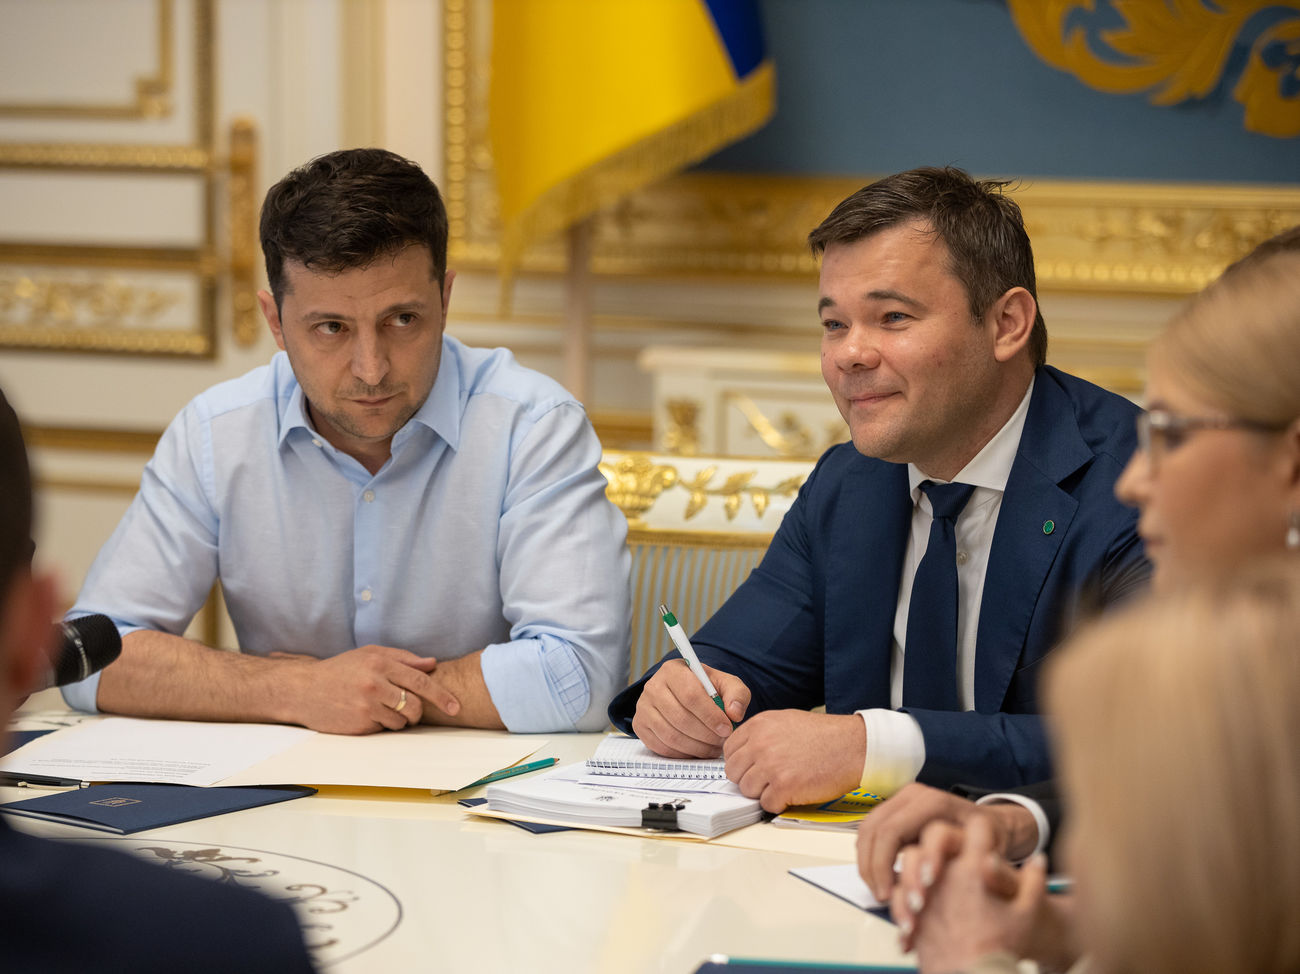 Украина, США, Политика, Назначение, Реакция, Вопросы, Хербст.